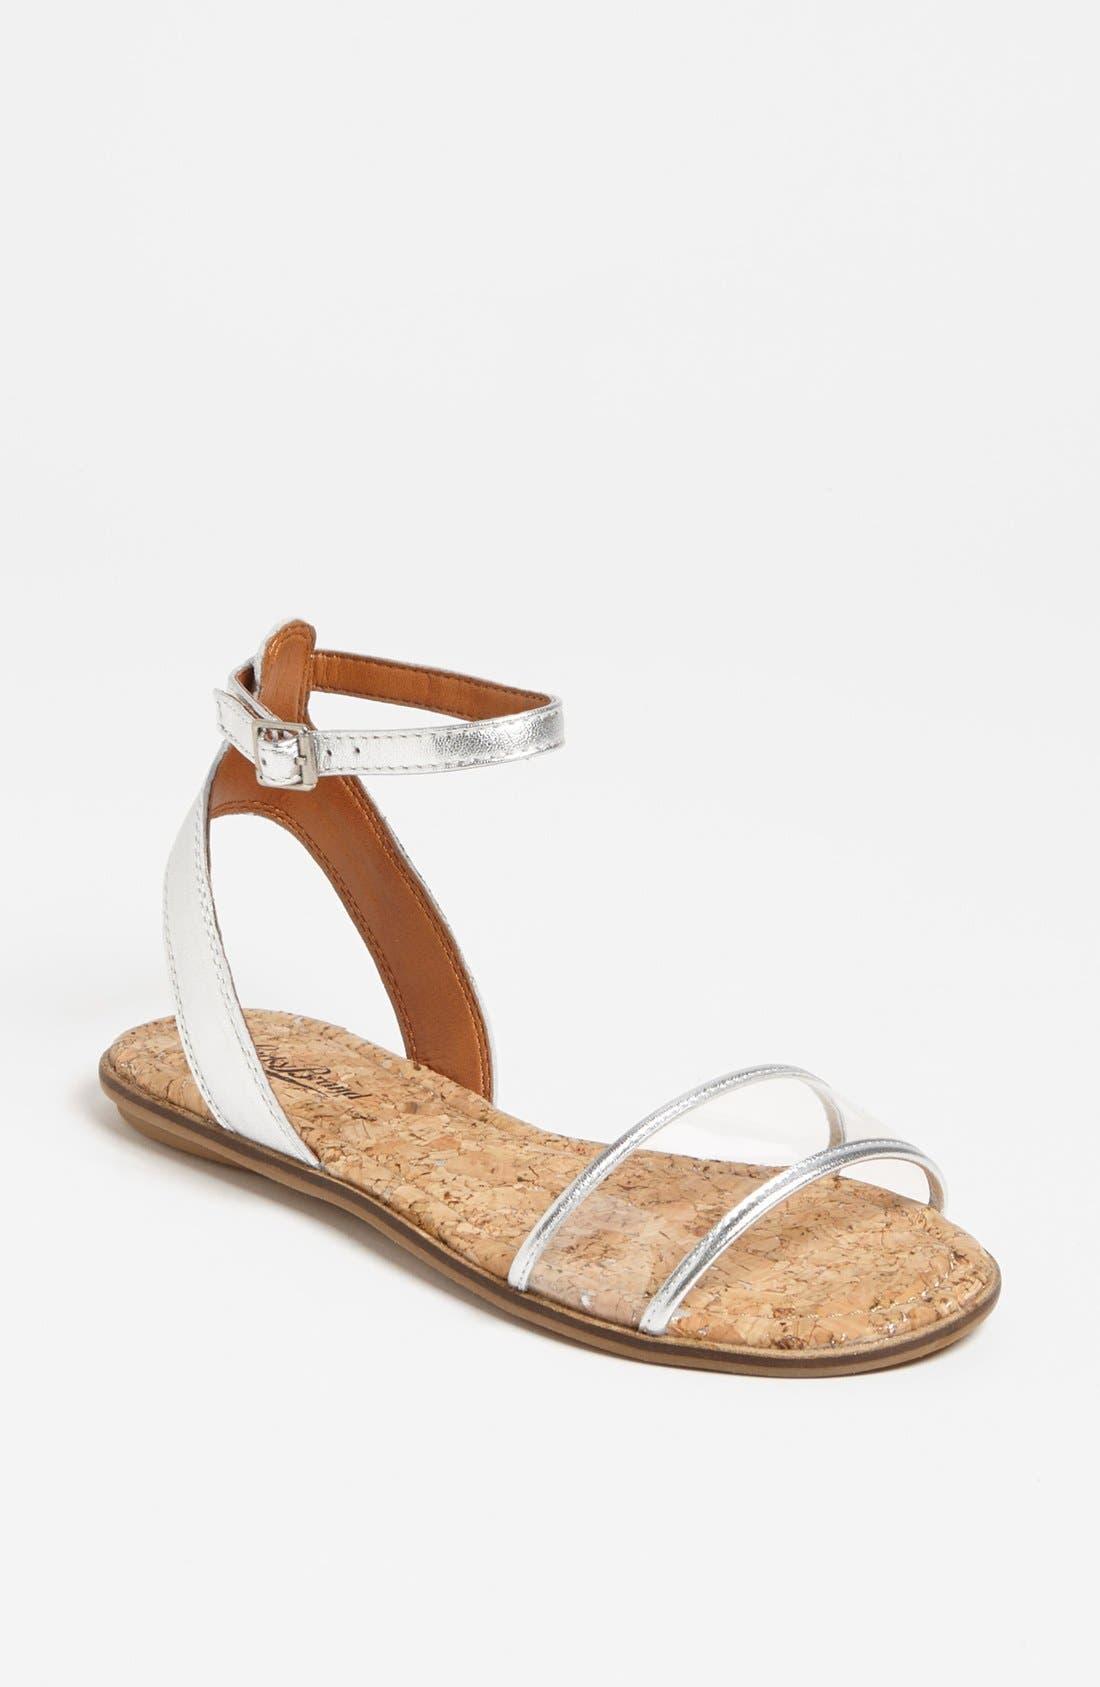 Main Image - Lucky Brand 'Covela' Sandal